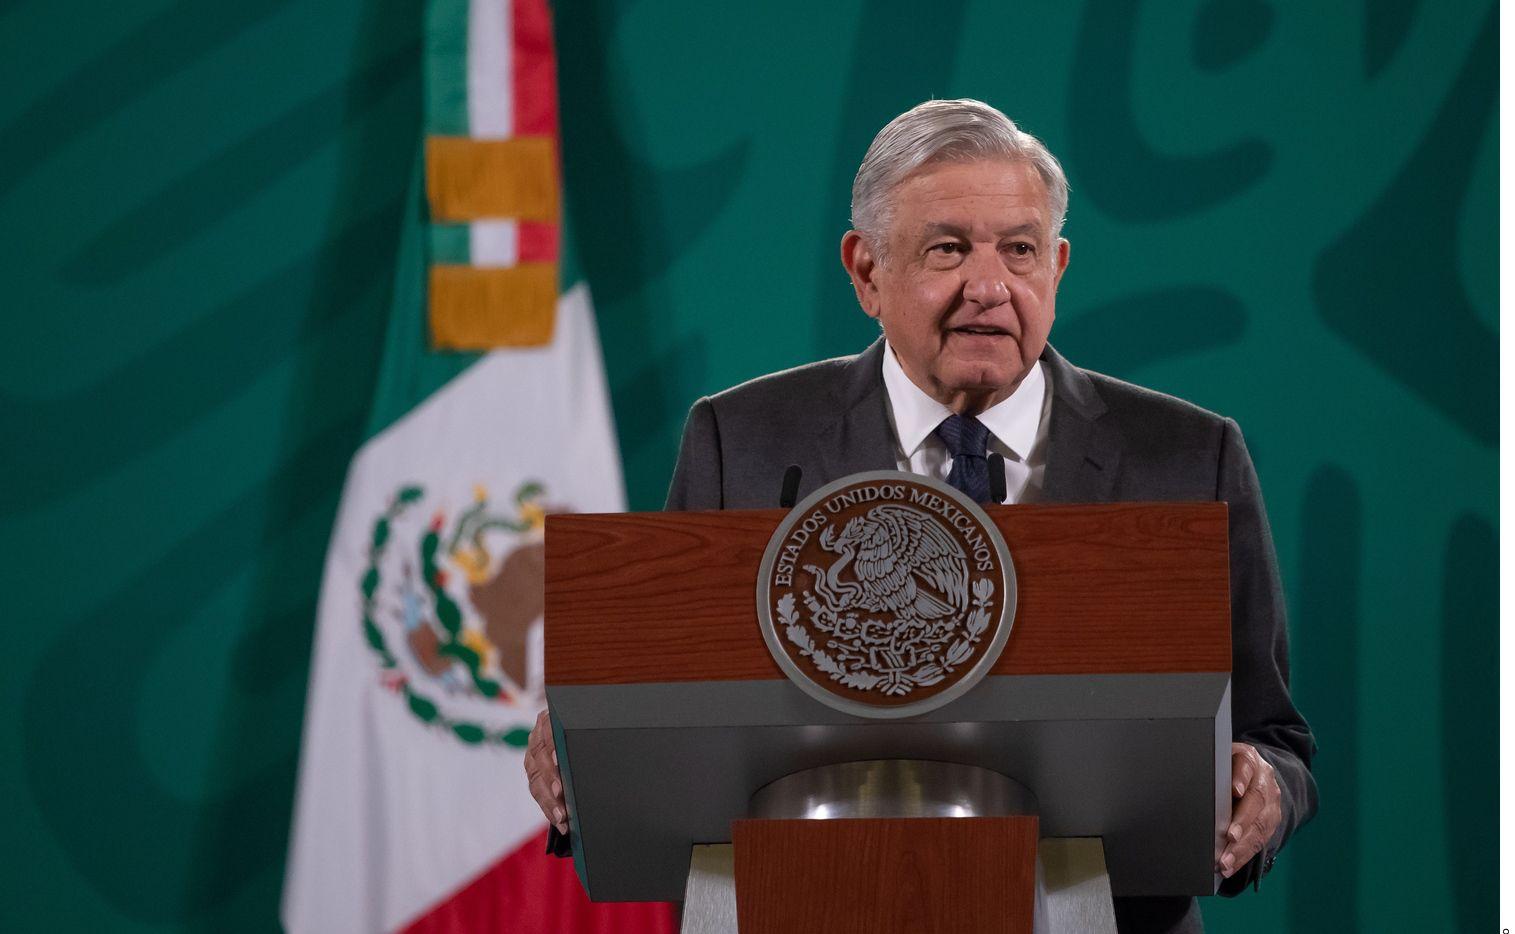 Fotografía de archivo del presidente de México, Andrés Manuel López Obrador, quien dijo el 3 de agosto de 2021 que su gobierno no utiliza el programa de espionaje Pegasus.